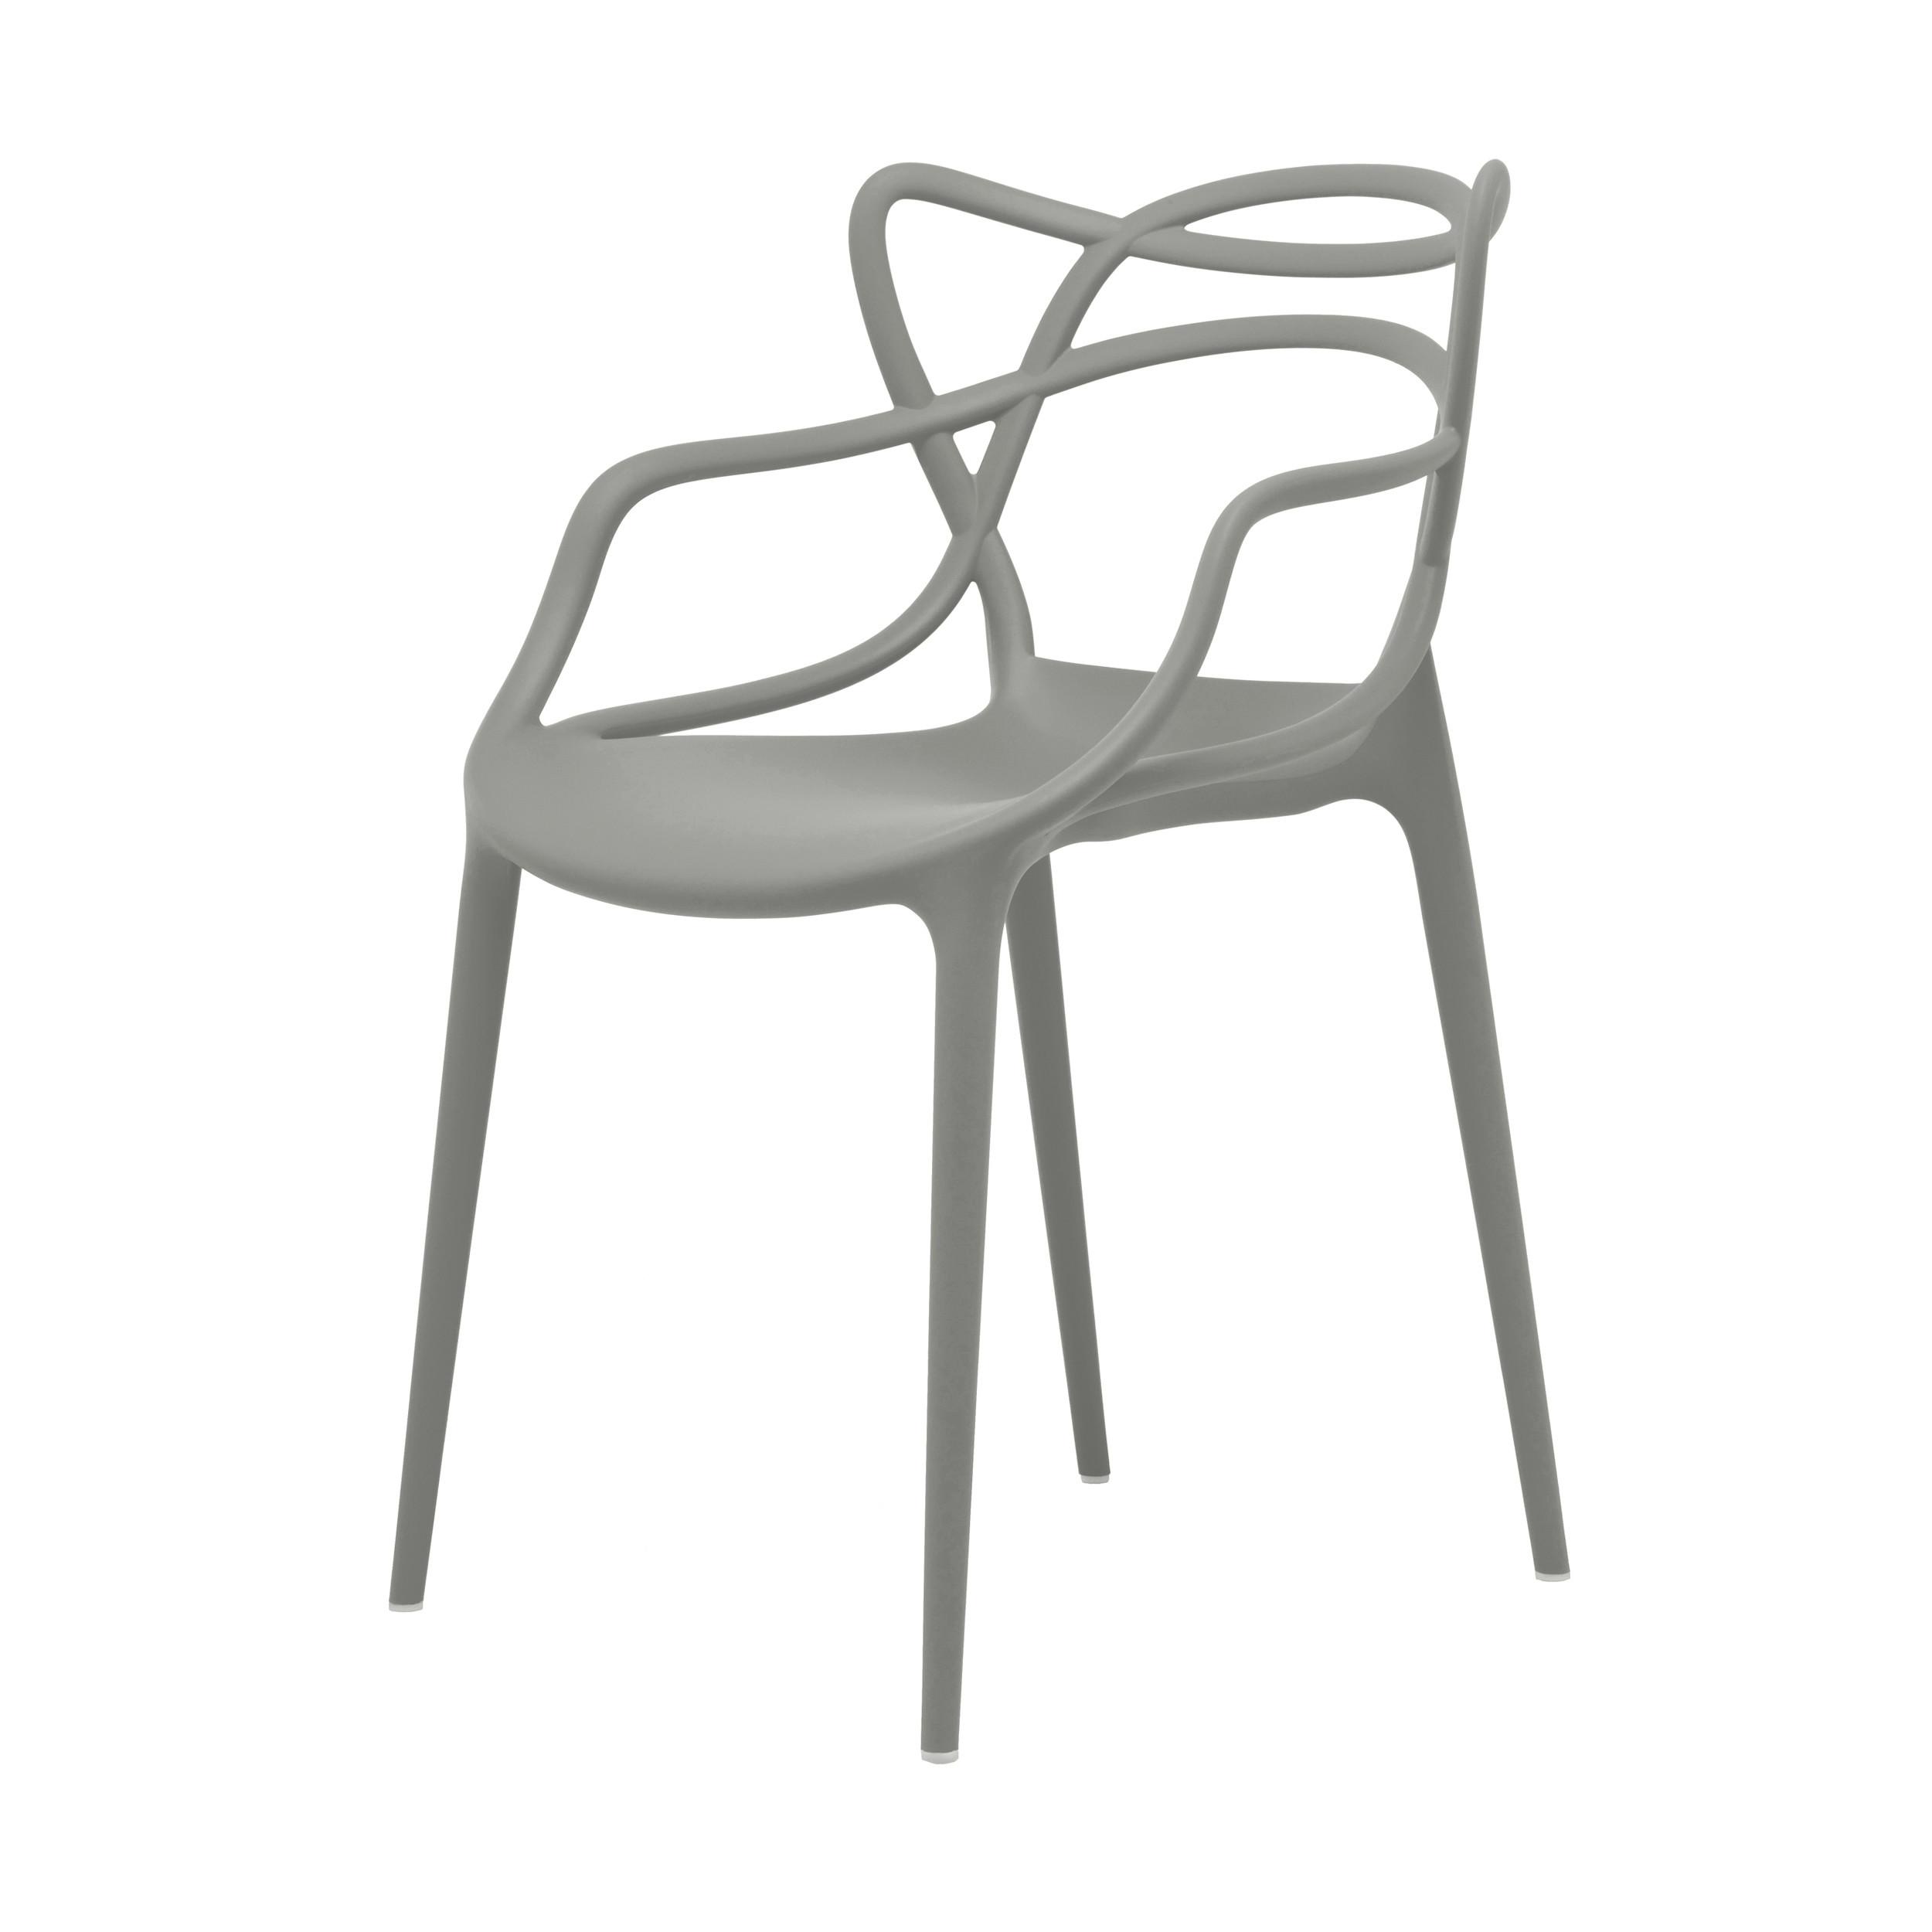 masters stuhl online kaufen bei woonio. Black Bedroom Furniture Sets. Home Design Ideas